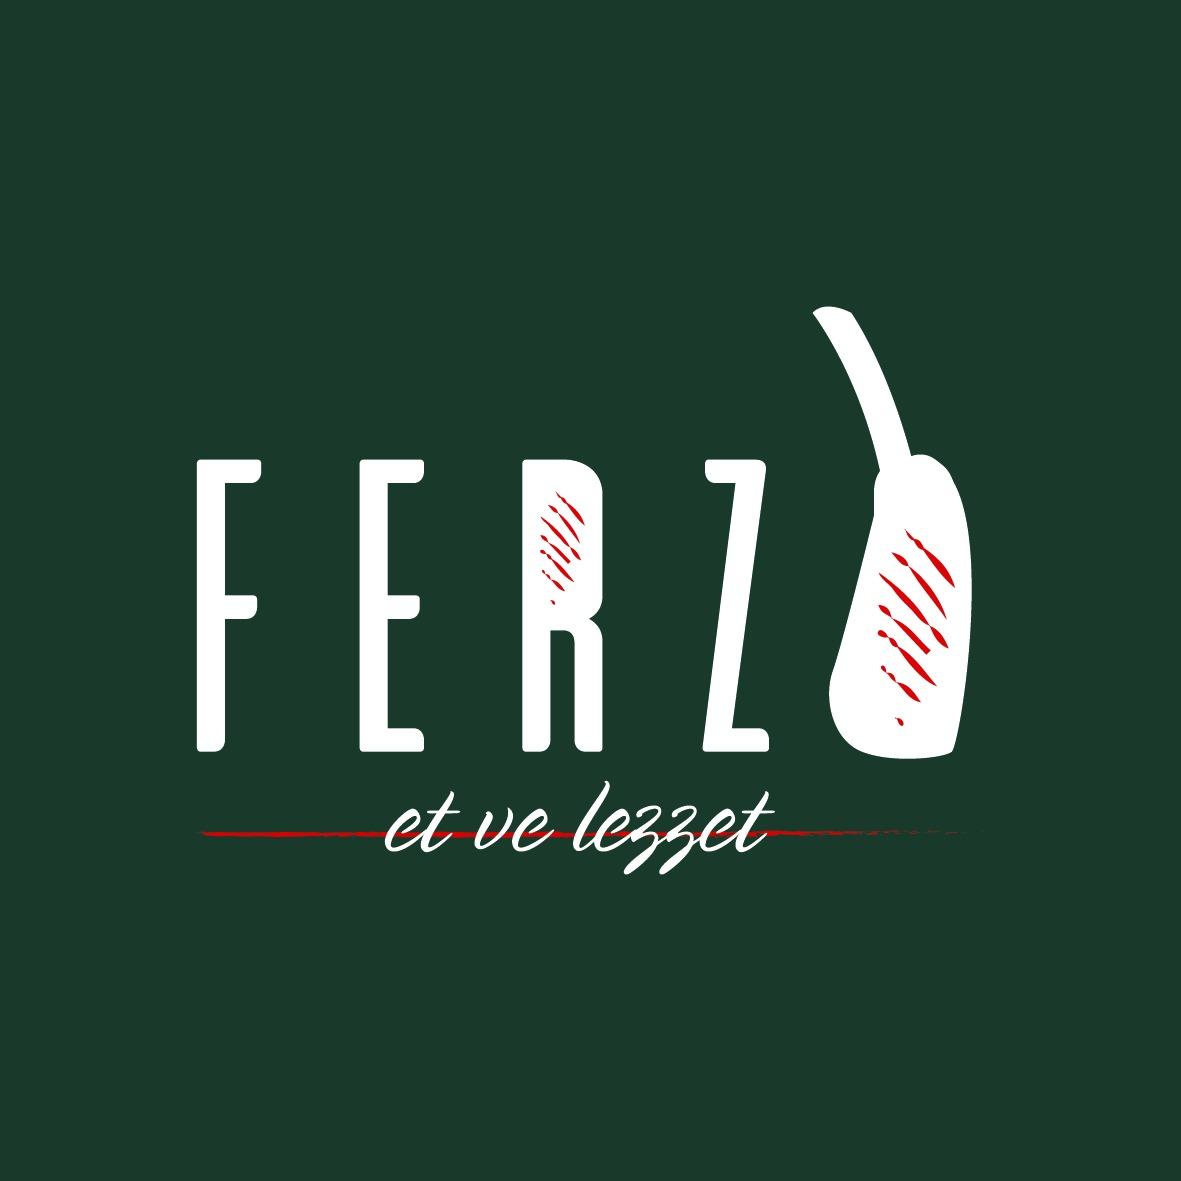 Ferzo